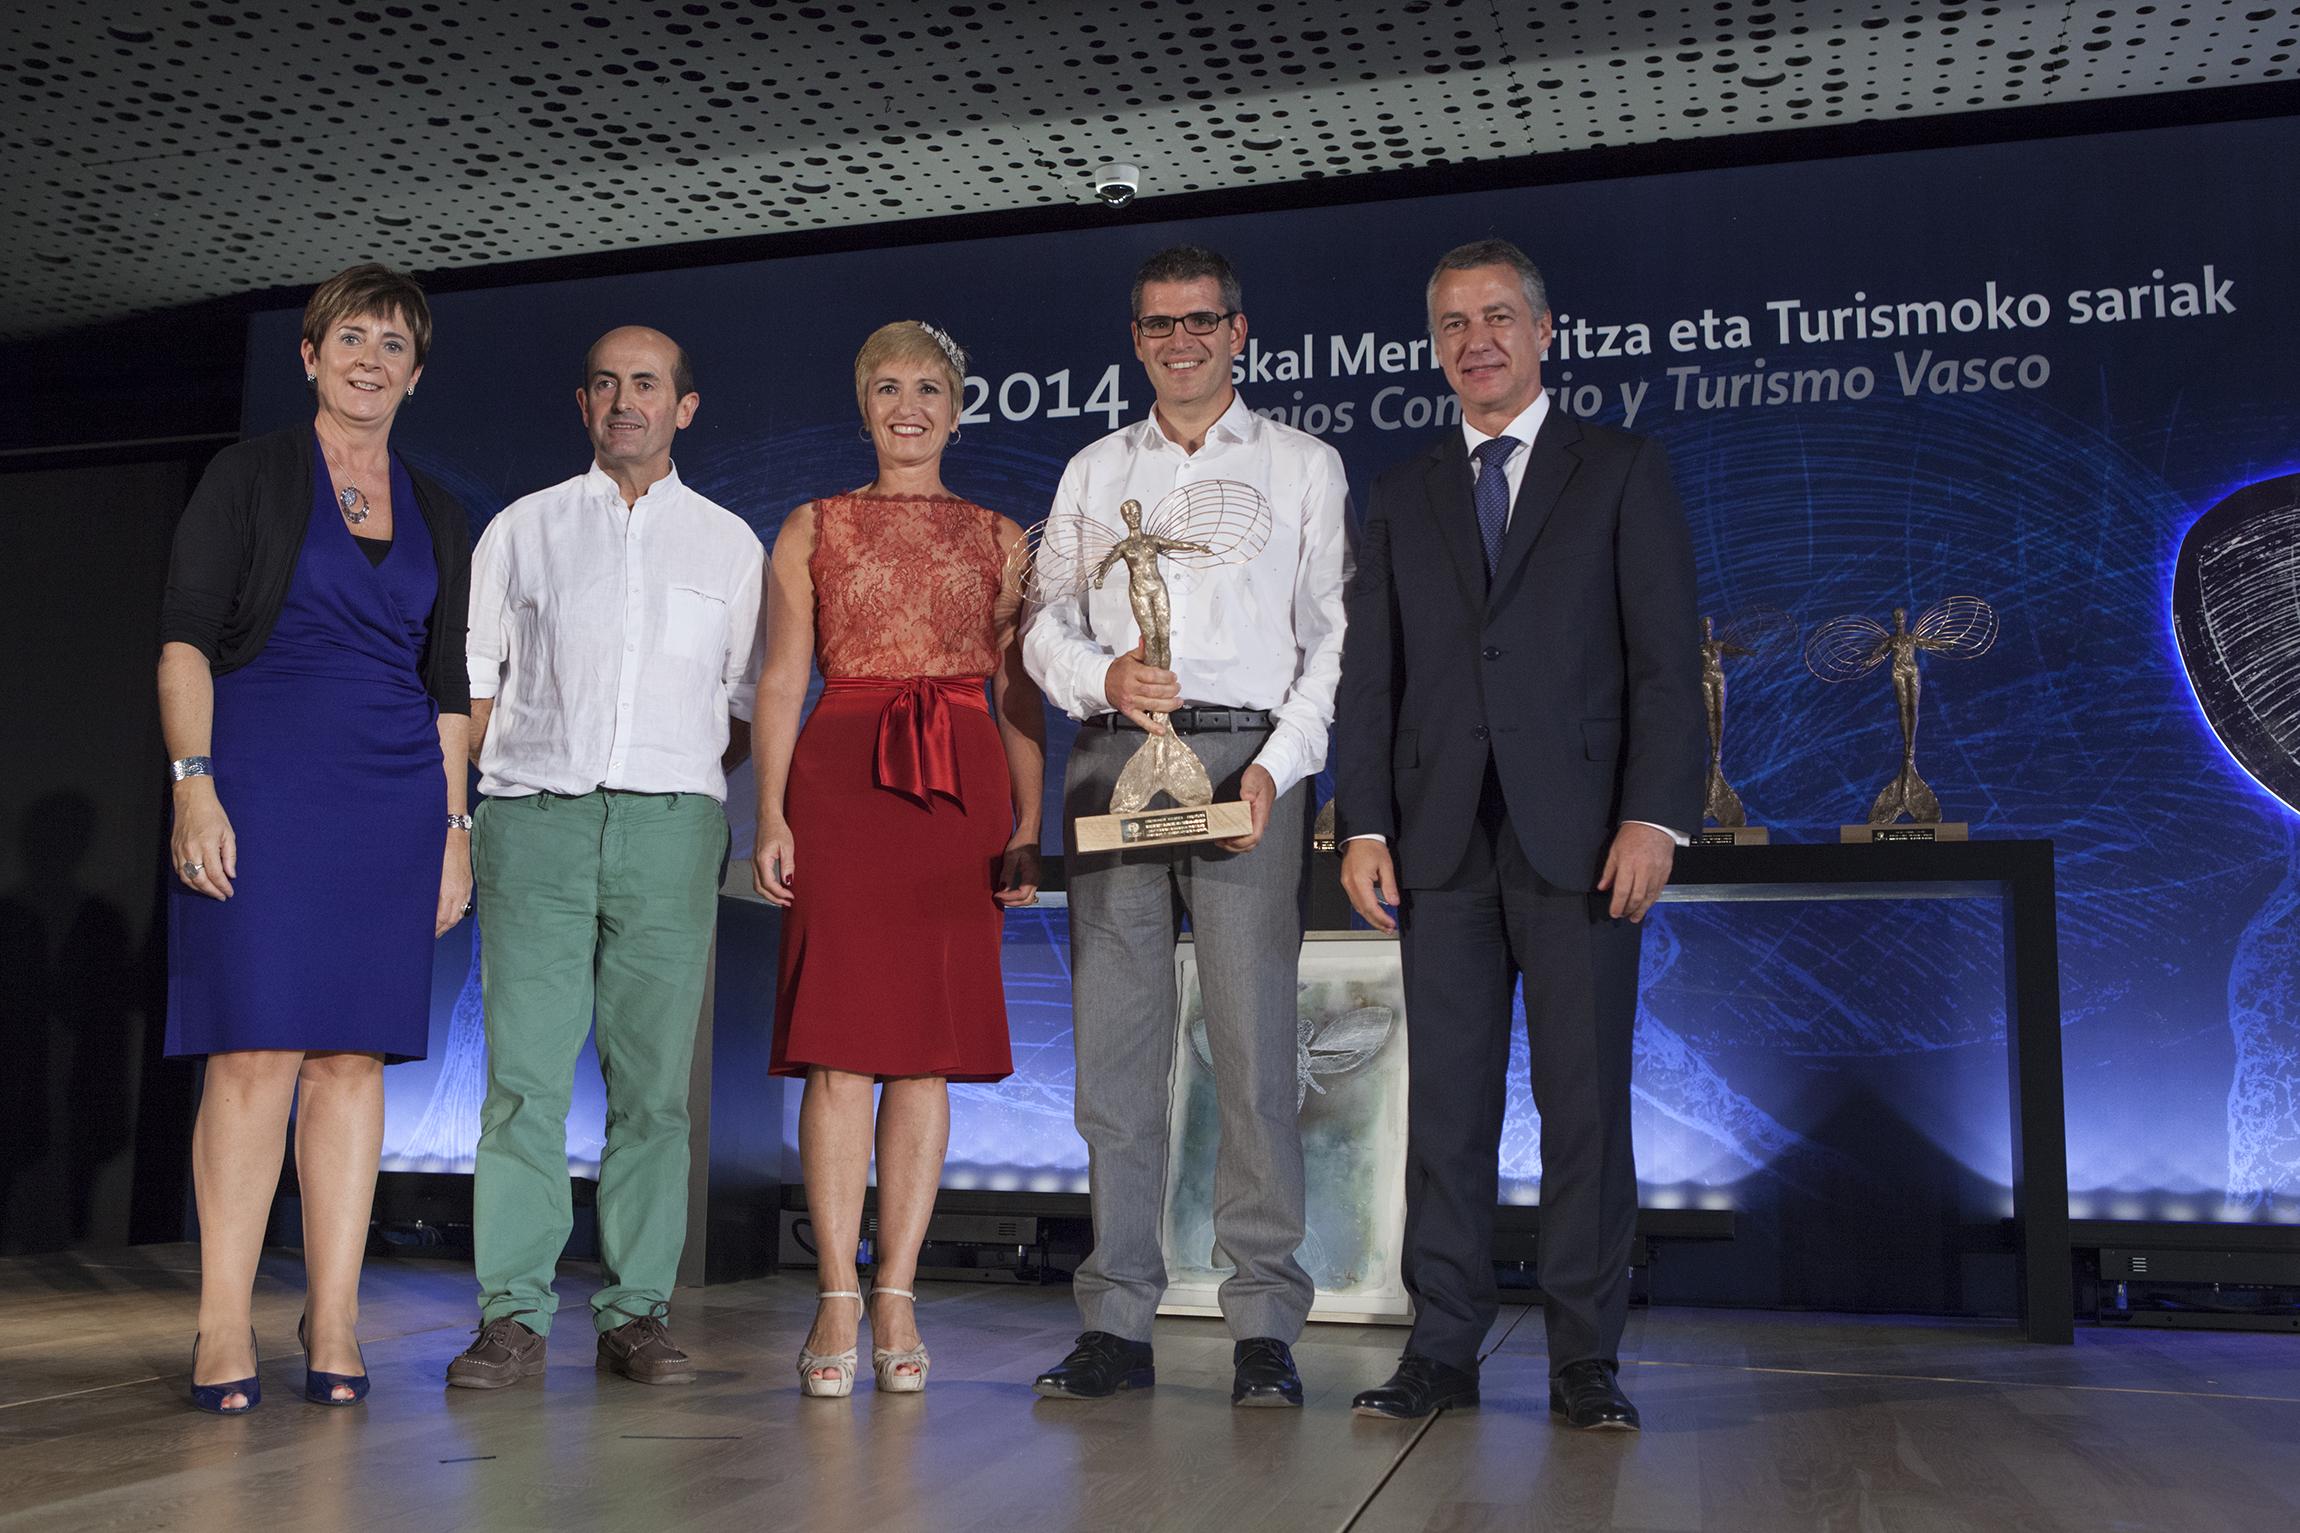 2014_10_07_lhk_premios_turismo_073.jpg